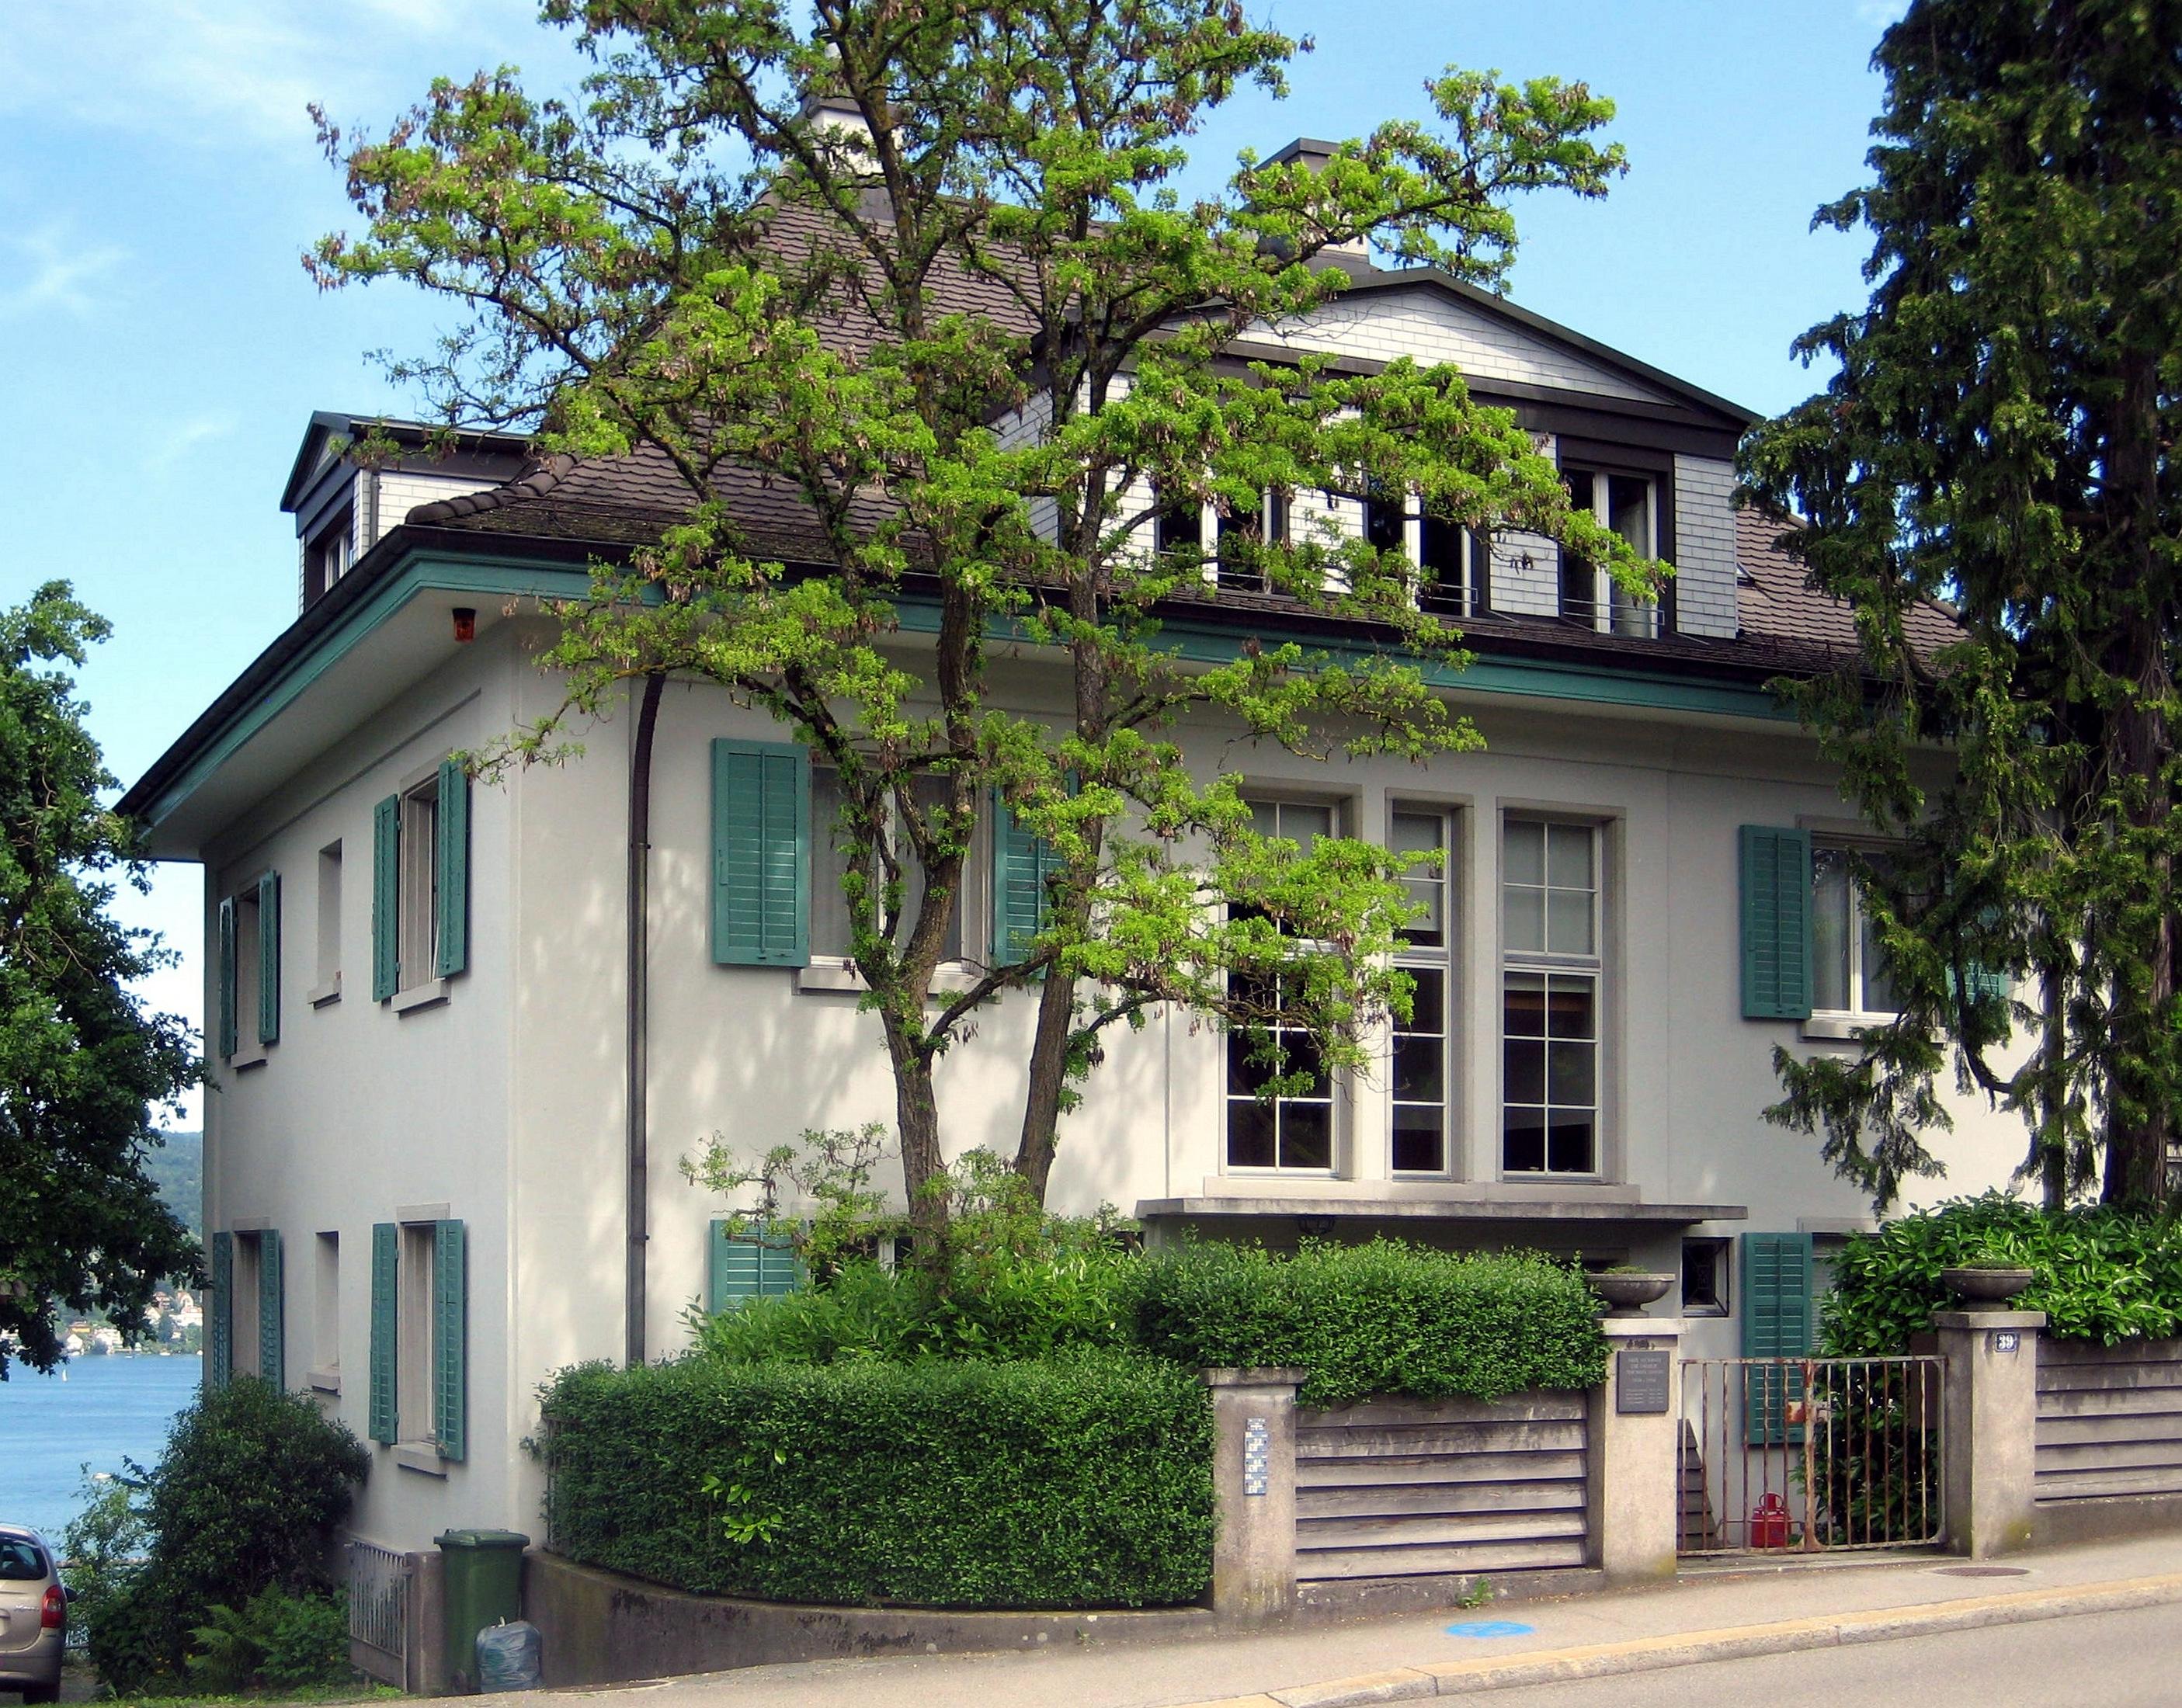 Casa Park Villas Of Tuscawilla